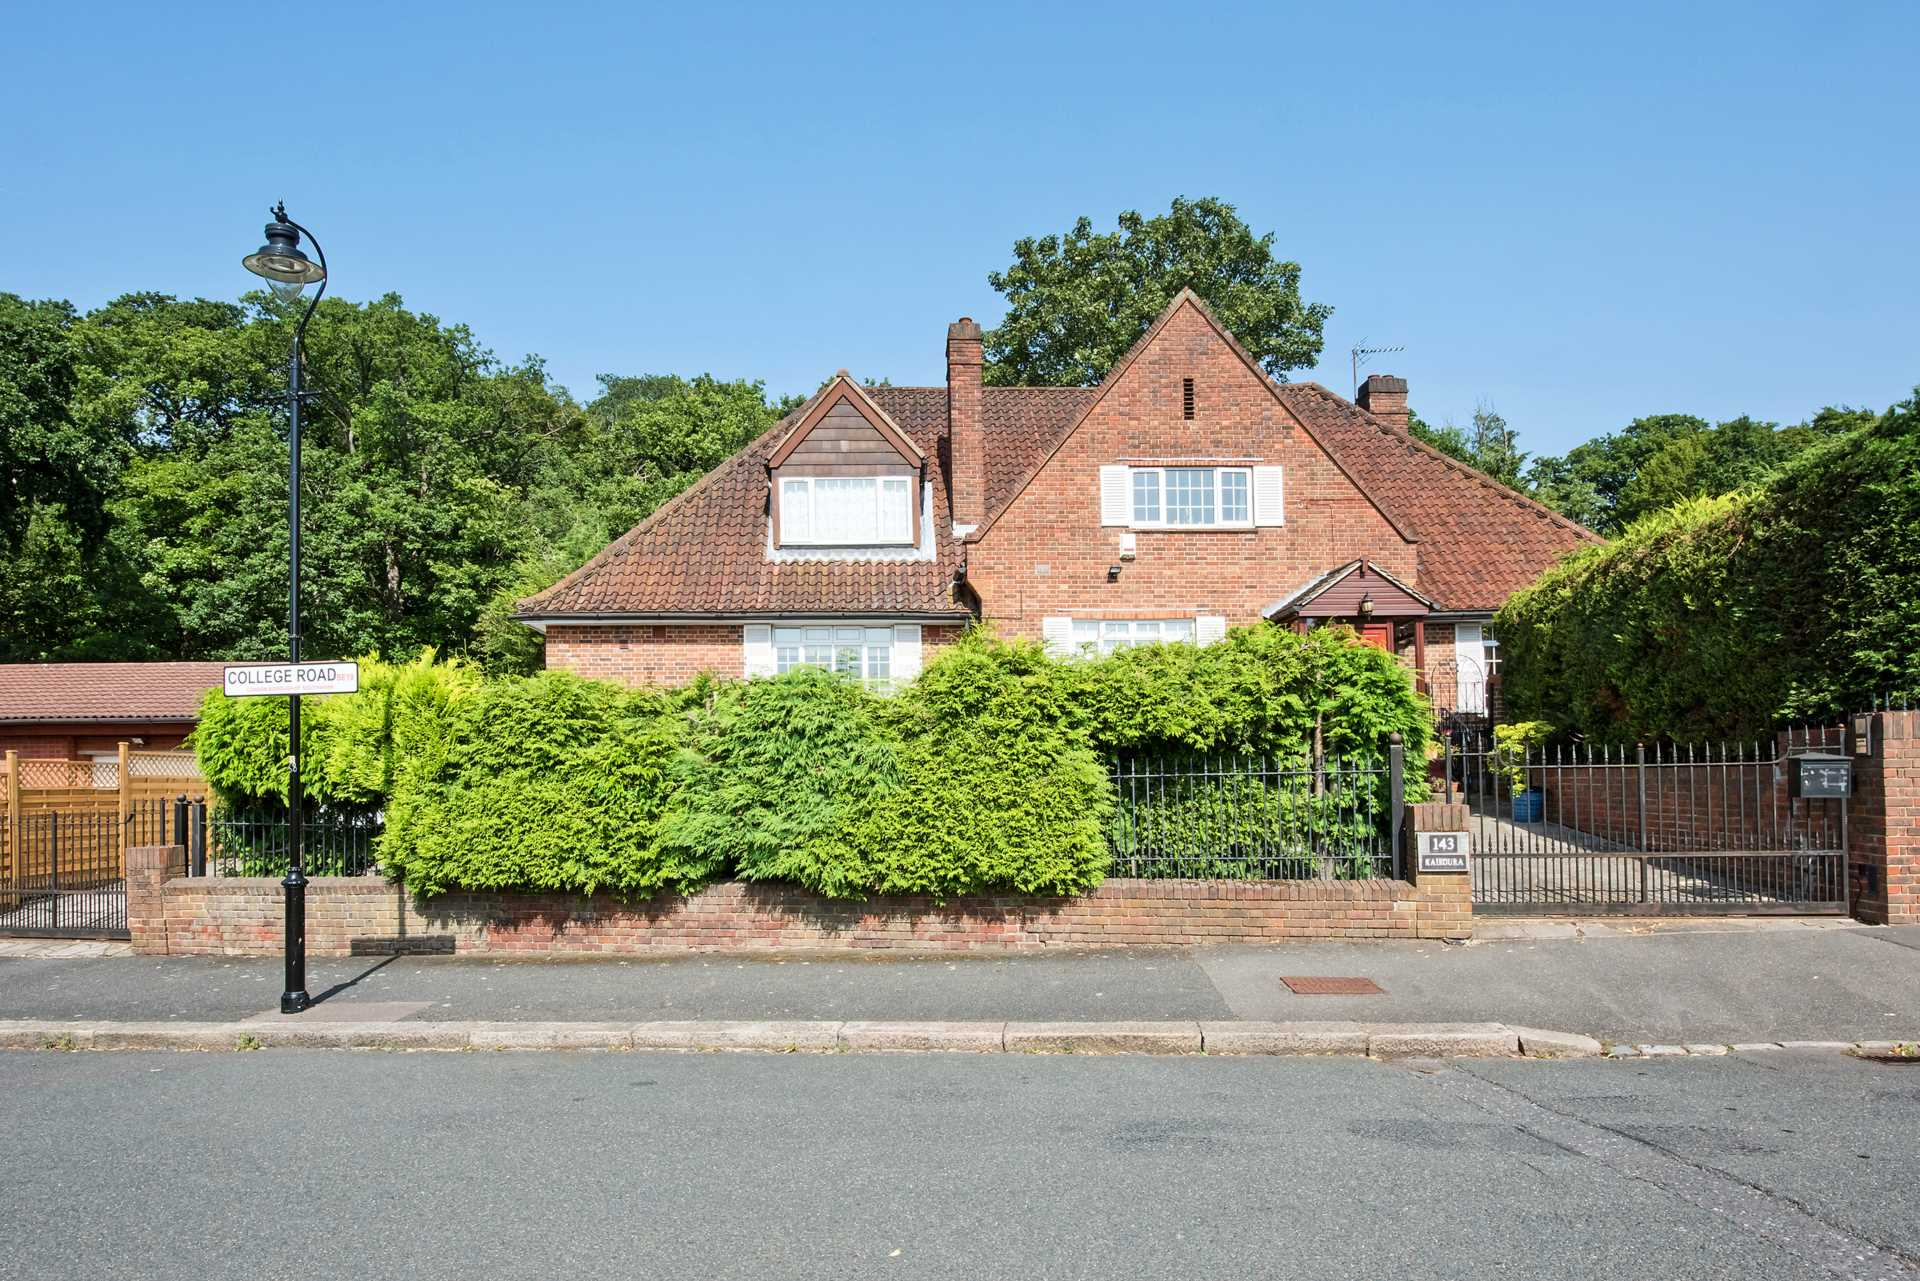 College Road Dulwich SE19 1HX, Image 14